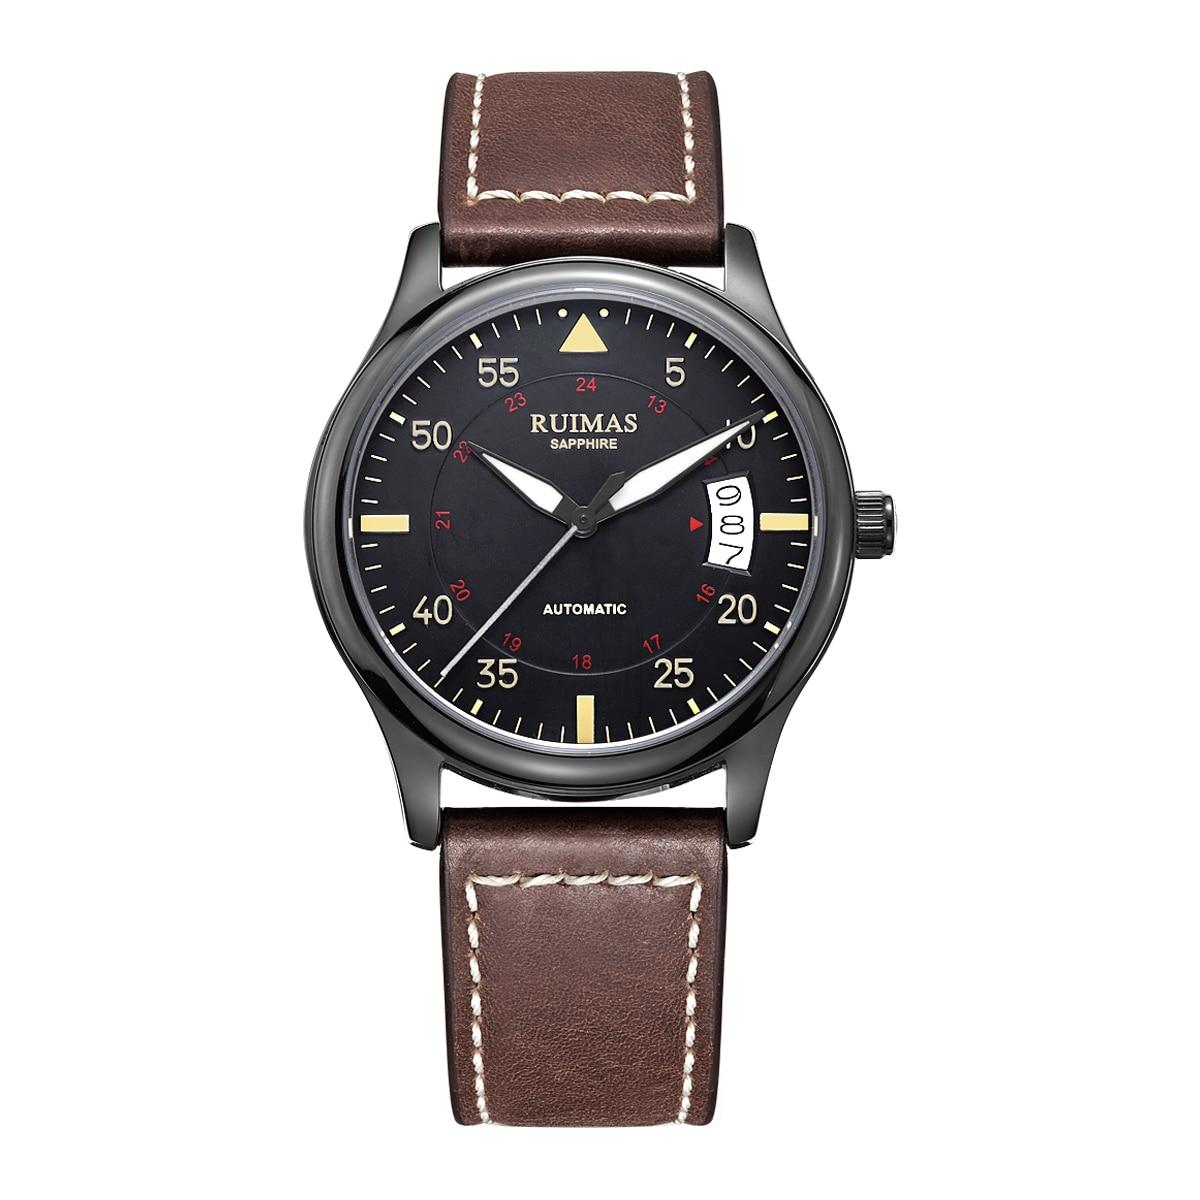 Ruimas Top marque montres hommes automatique mécanique montre-bracelet de luxe hommes cadeaux calendrier affichage bracelet en cuir horloge 6725